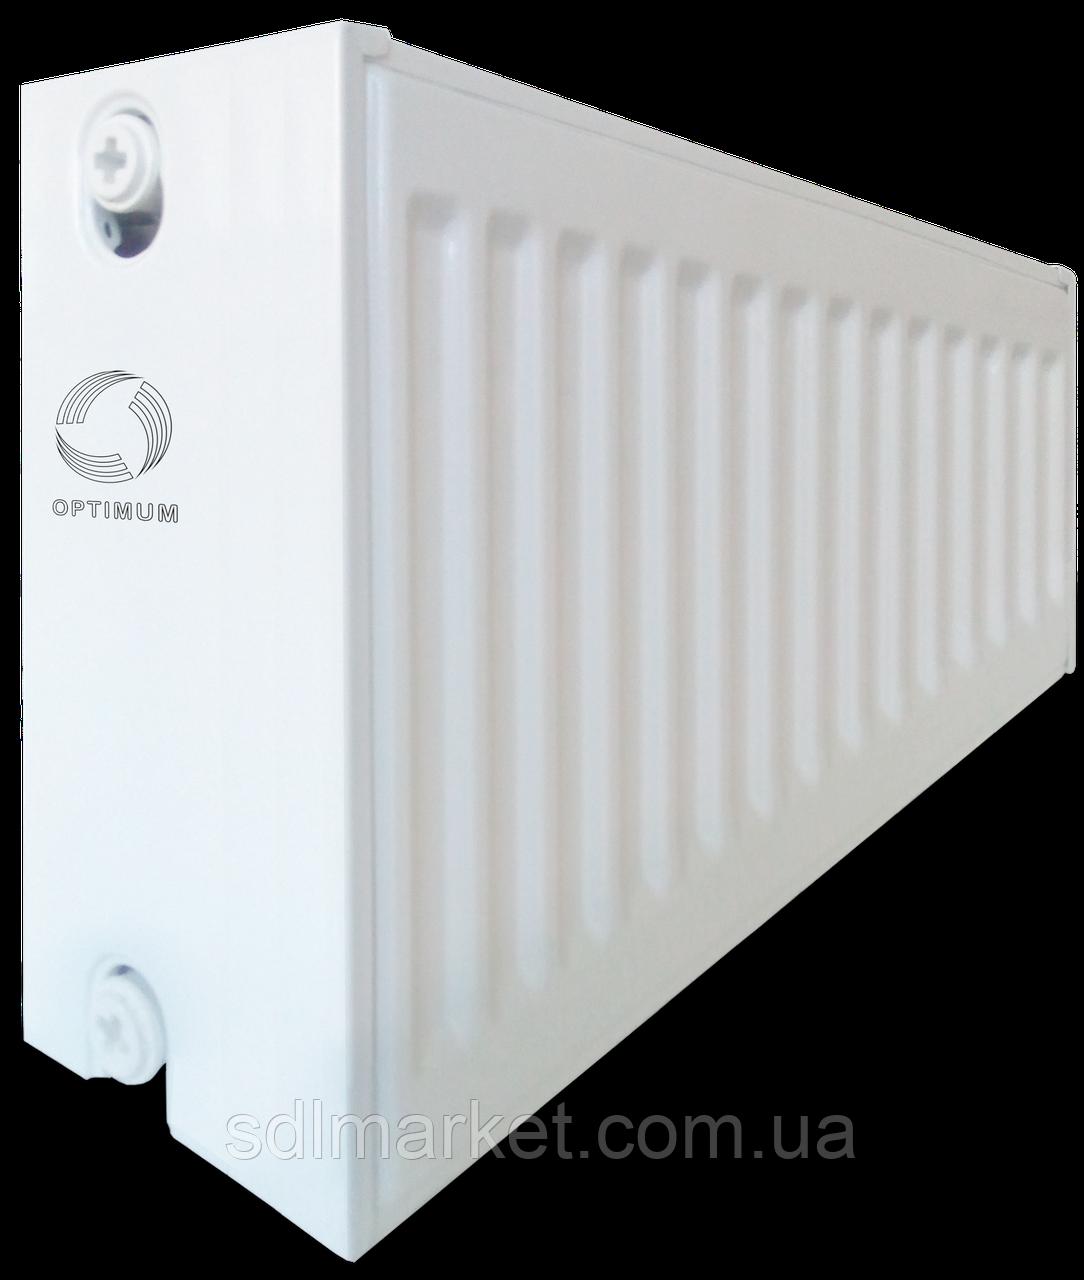 Радиатор стальной панельный OPTIMUM 33 бок 300х1400